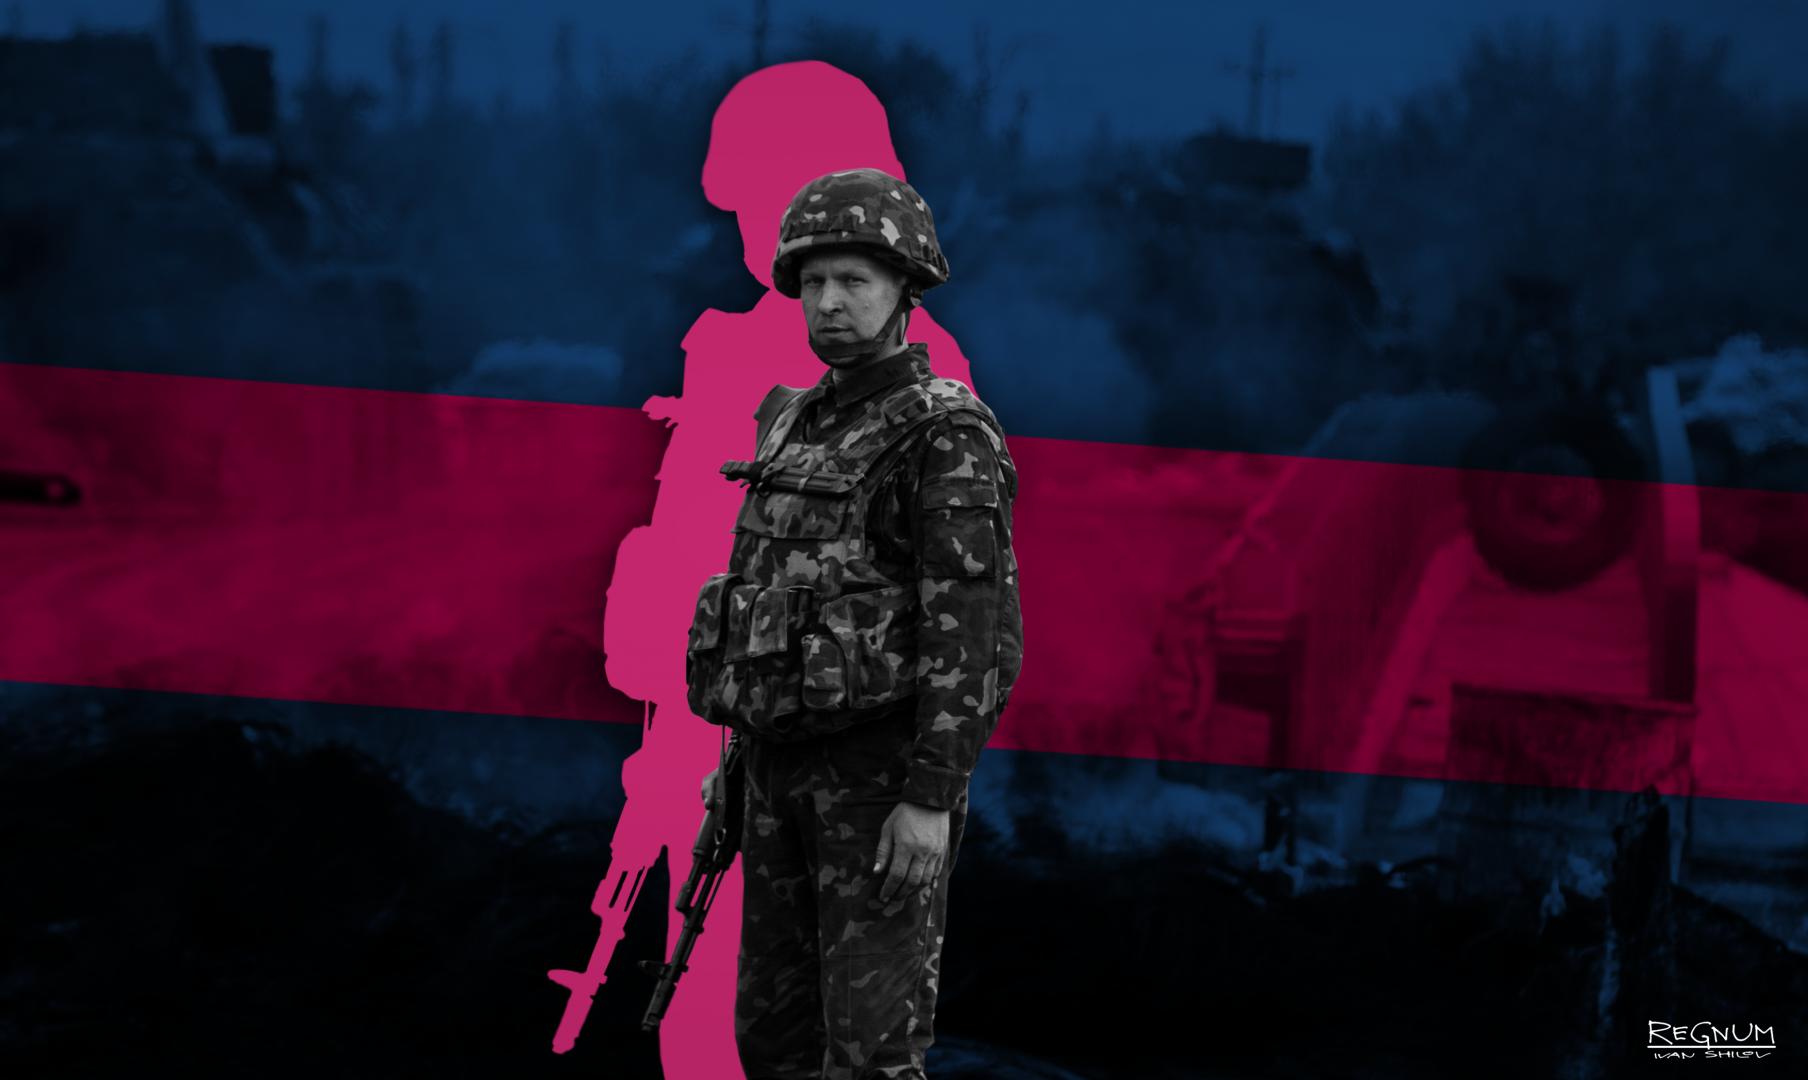 Генпрокурор Украины добивается от Минска выдачи 28 из 33 граждан России